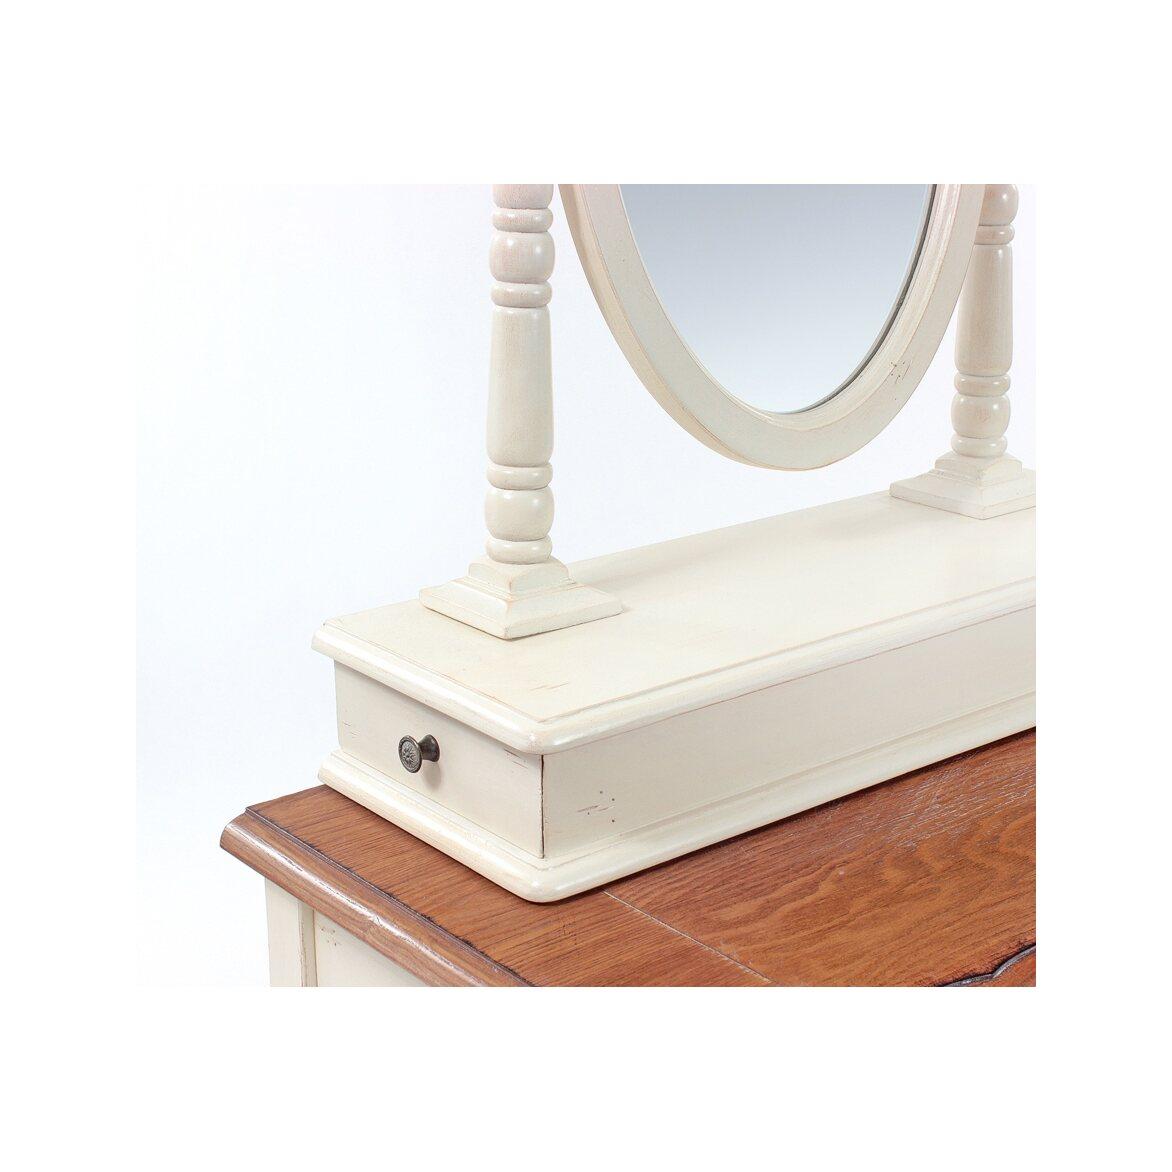 Туалетный столик с овальным зеркалом Leontina, бежевого цвета 8   Туалетные столики Kingsby